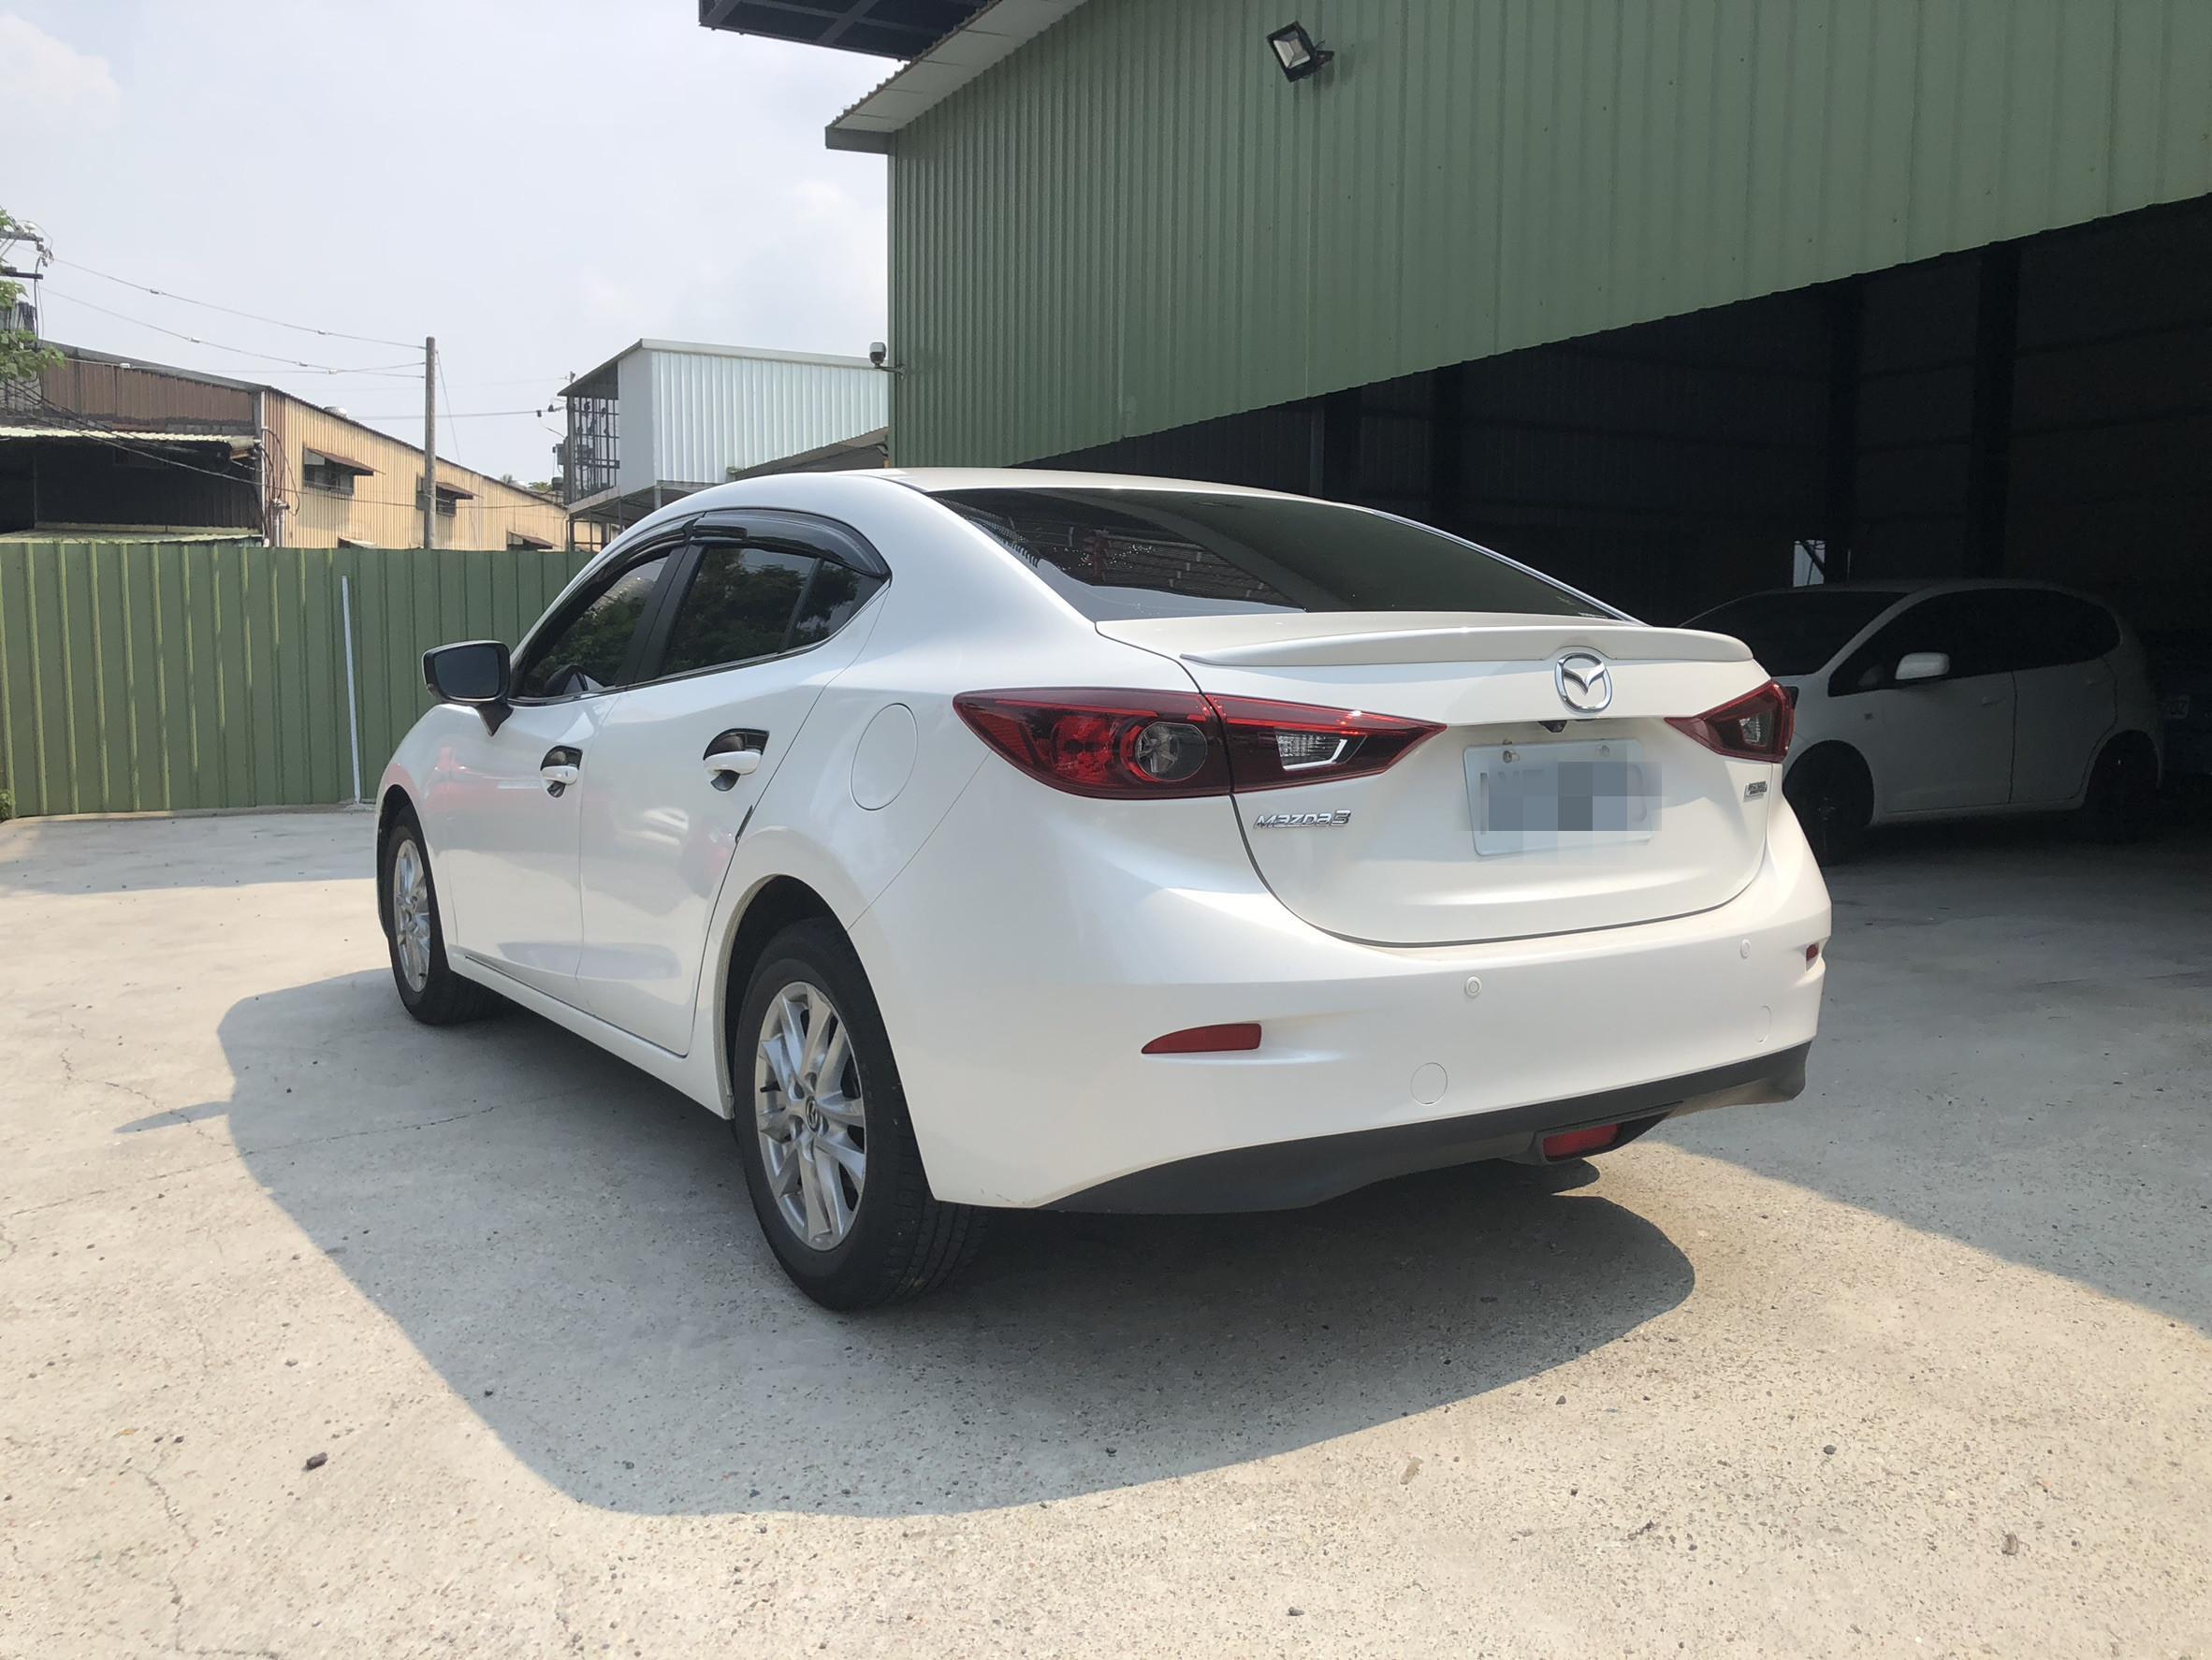 2018年 魂馬3 白 4D  2.0 熱門車中古車二手車